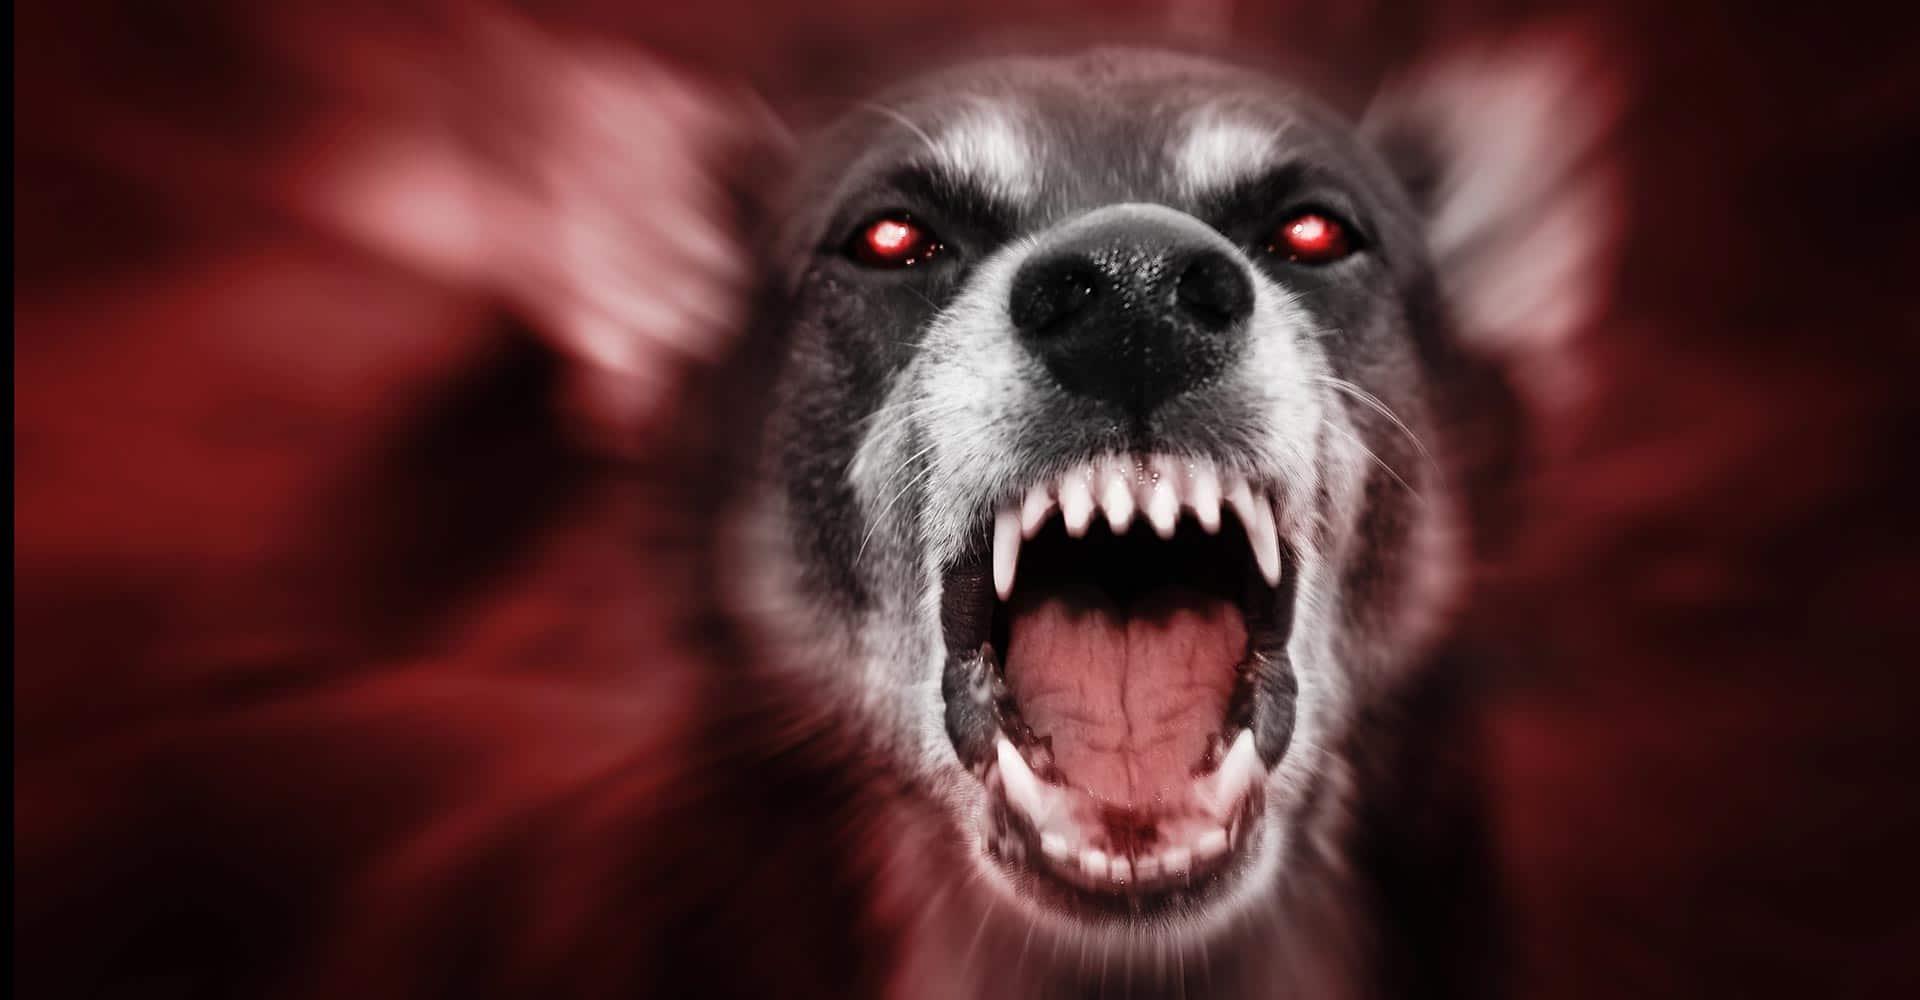 aggressive dog ready to attack